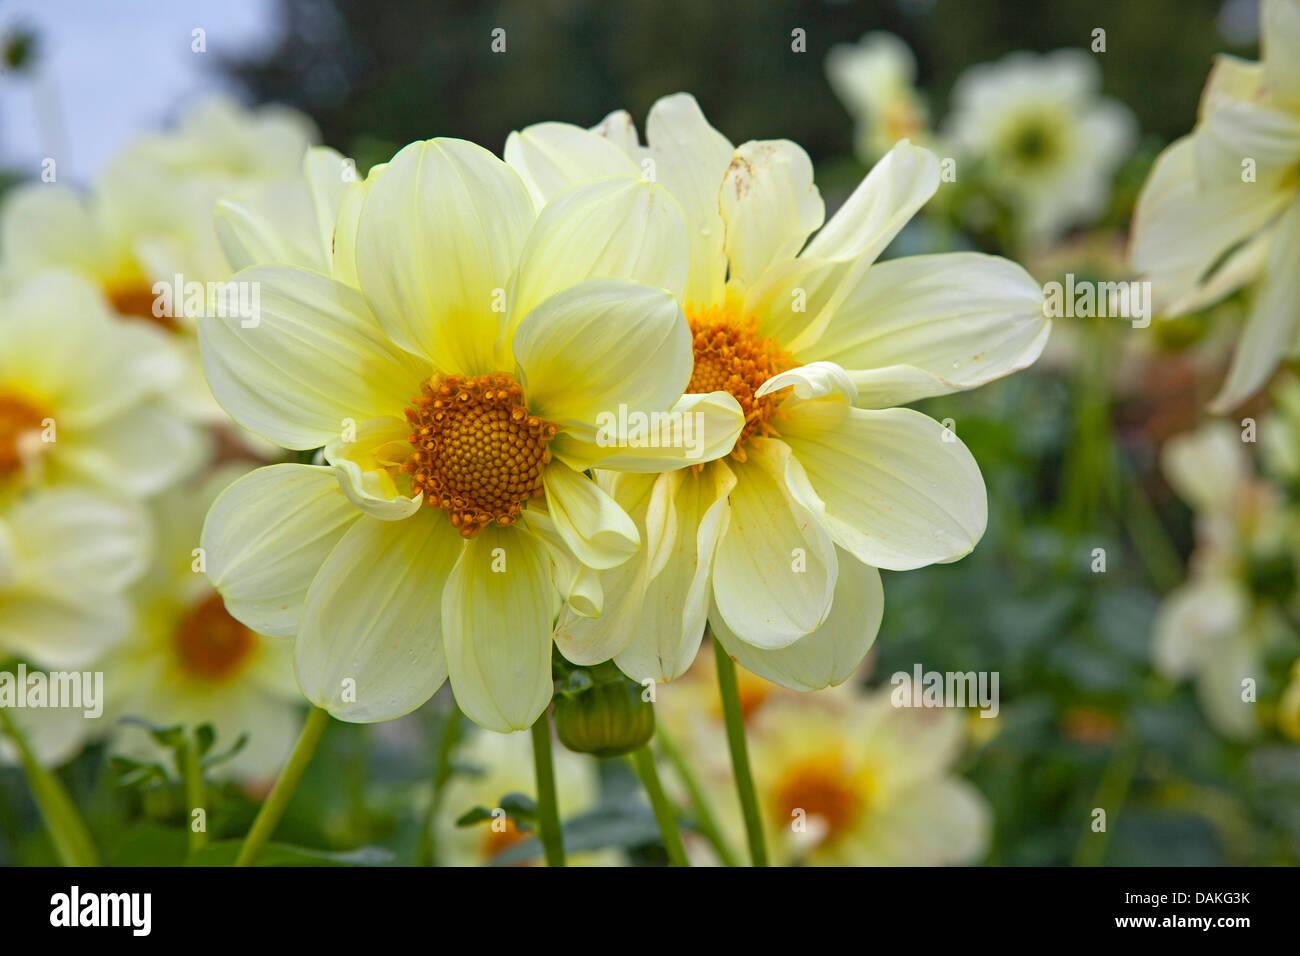 georgina (Dahlia 'Luna', Dahlia Luna), cultivar Luna - Stock Image